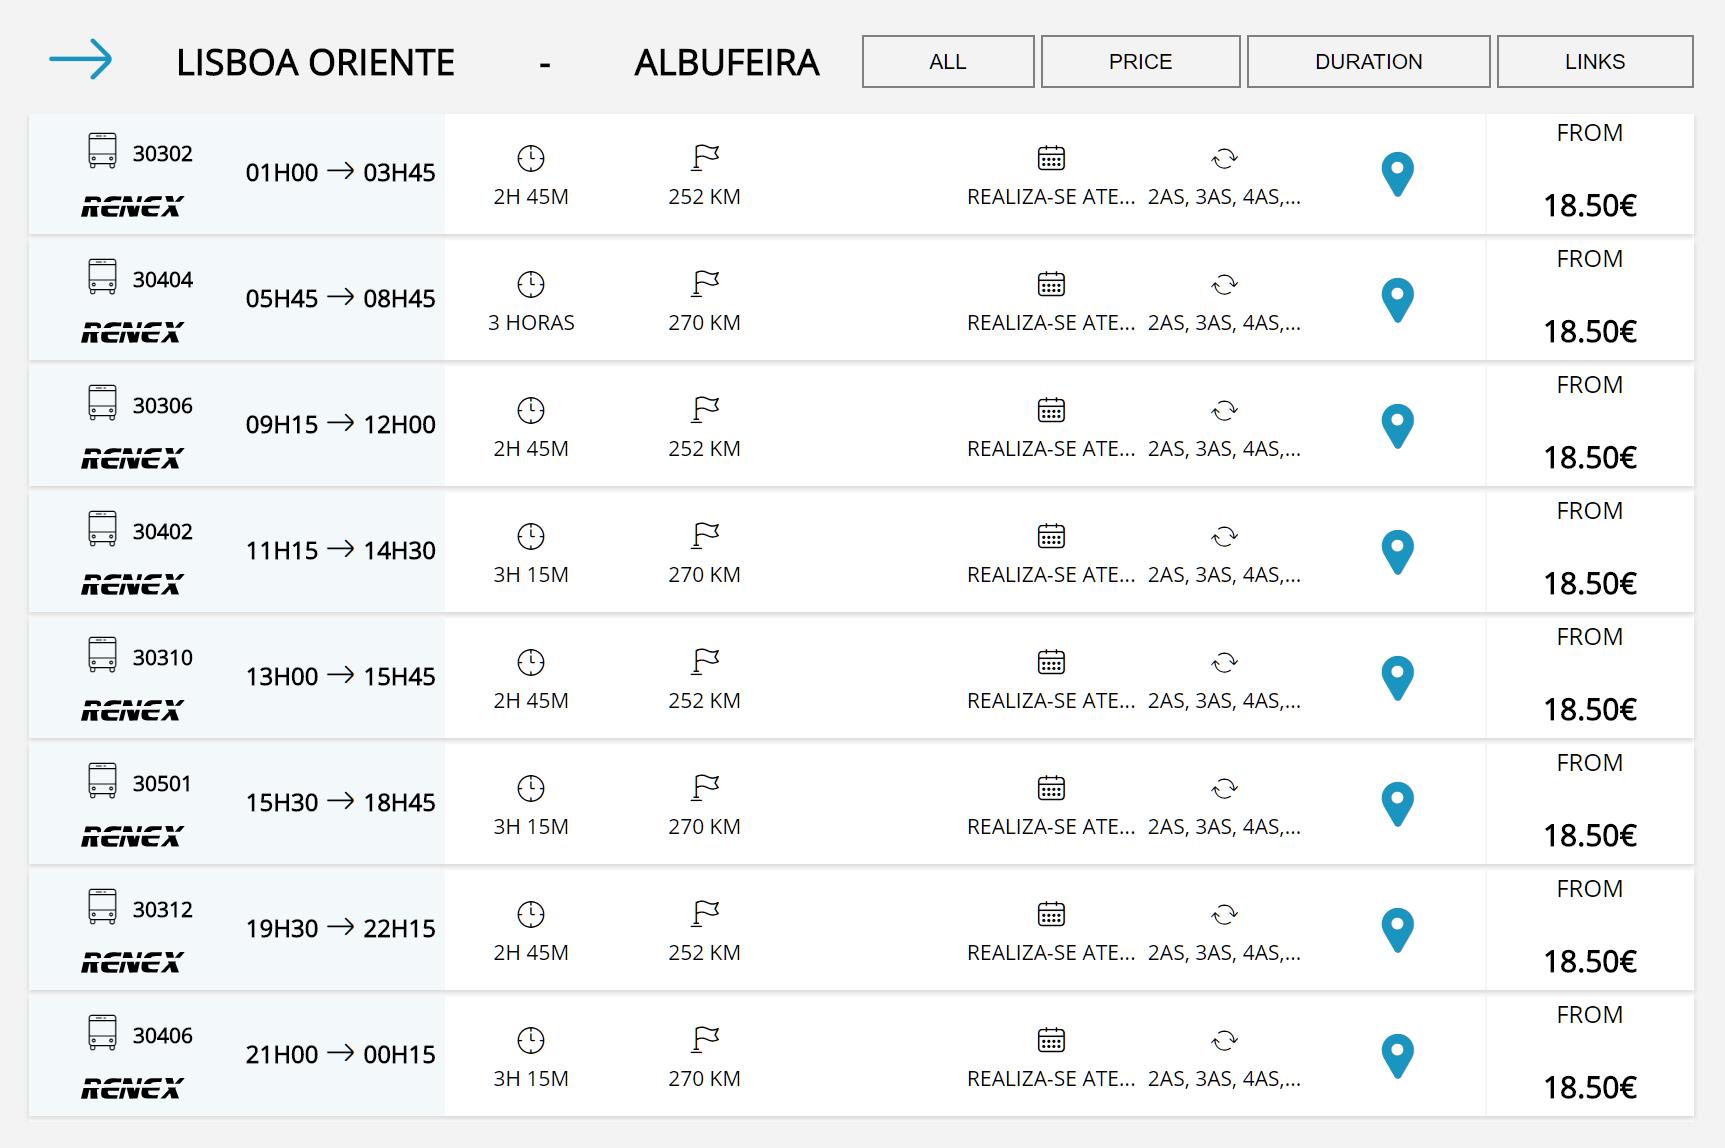 Расписание автобусов Лиссабон Ориенте-Албуфейра